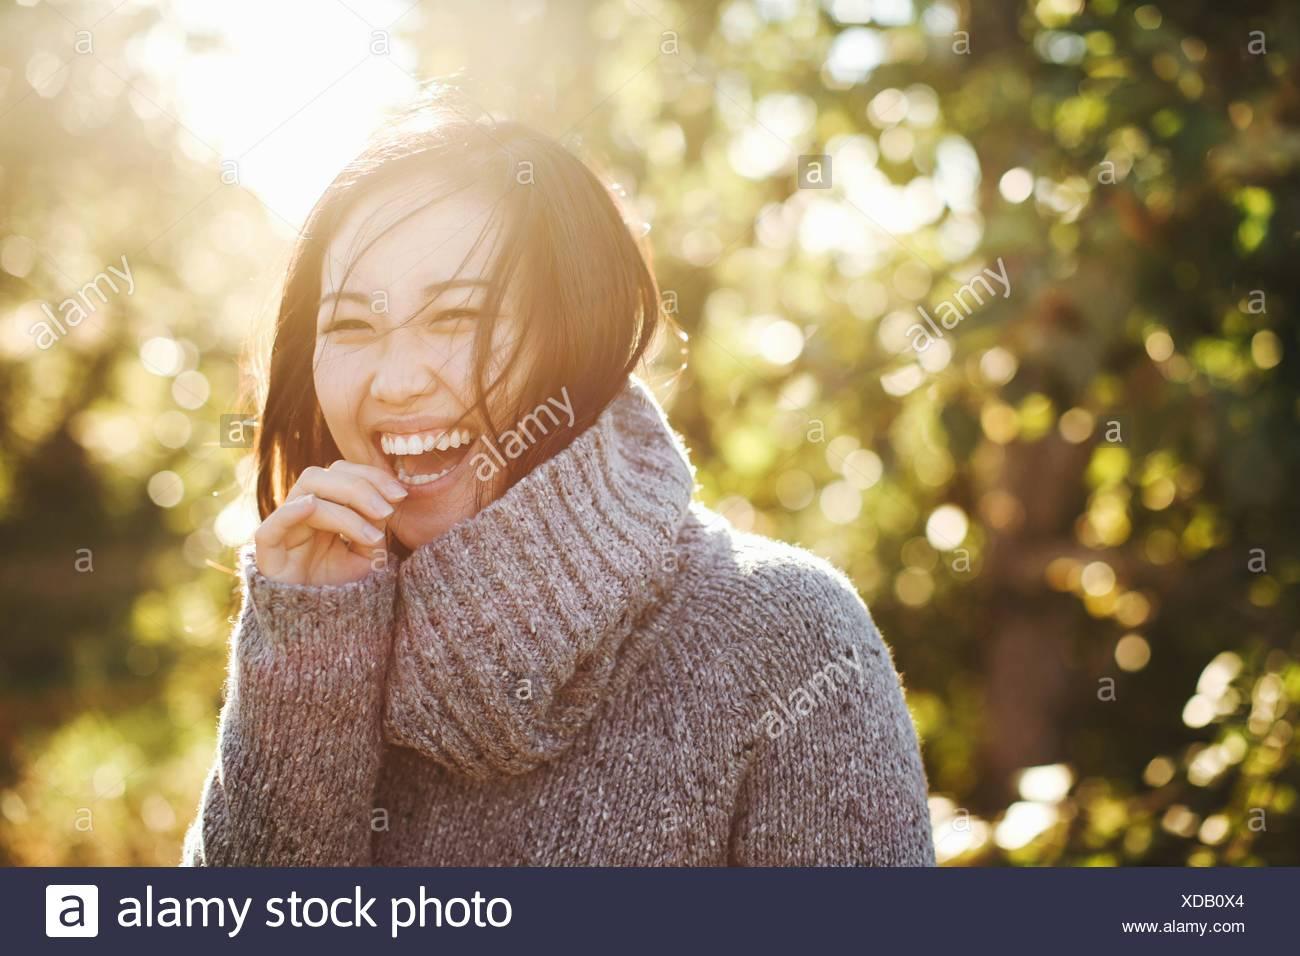 Ritratto di giovane donna in ambiente rurale, ridendo Immagini Stock